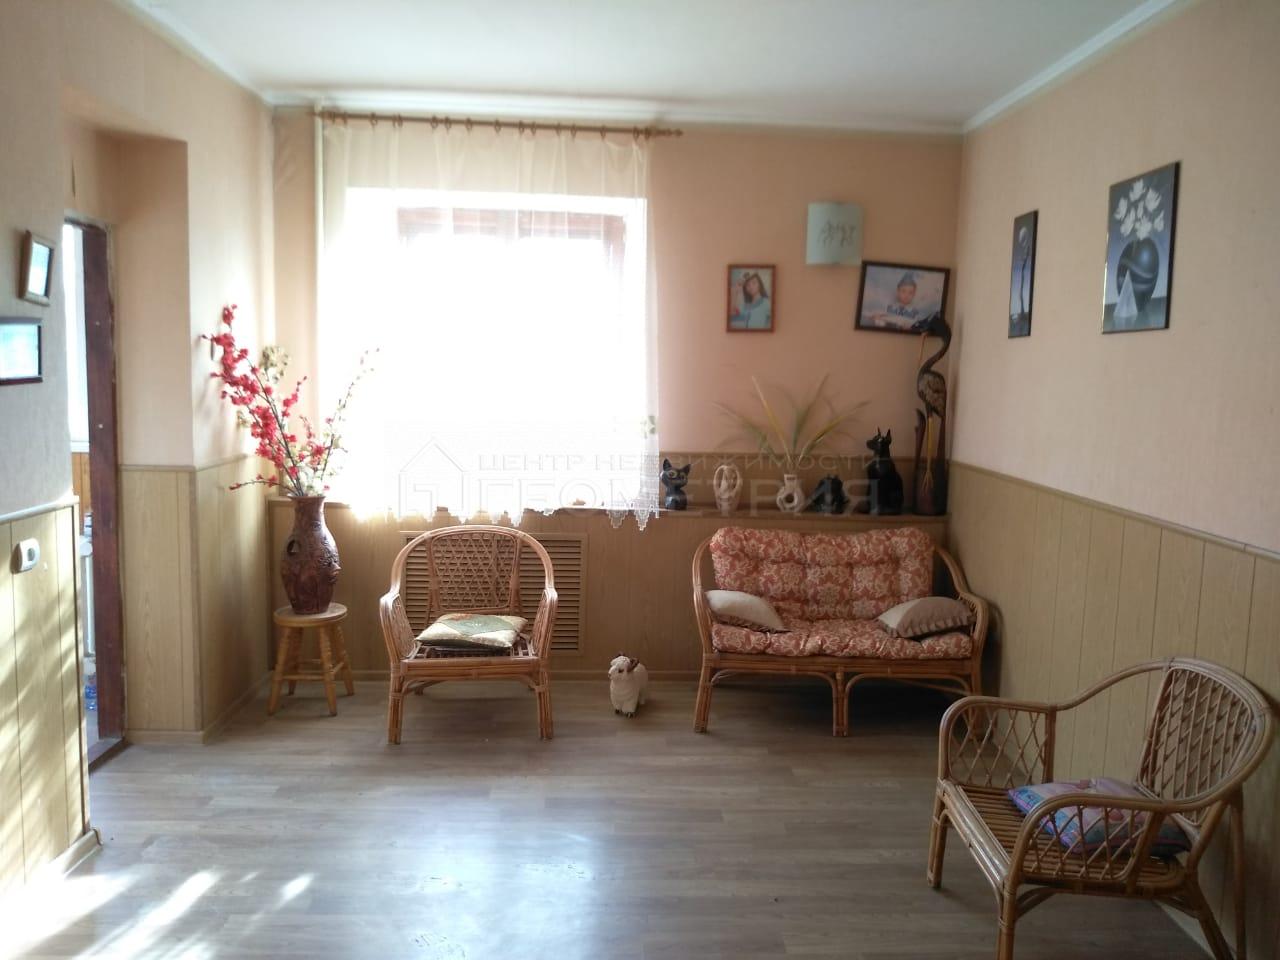 Продам дом по адресу Россия, Краснодарский край, городской округ Краснодар, Краснодар, Троицкая улица фото 11 по выгодной цене